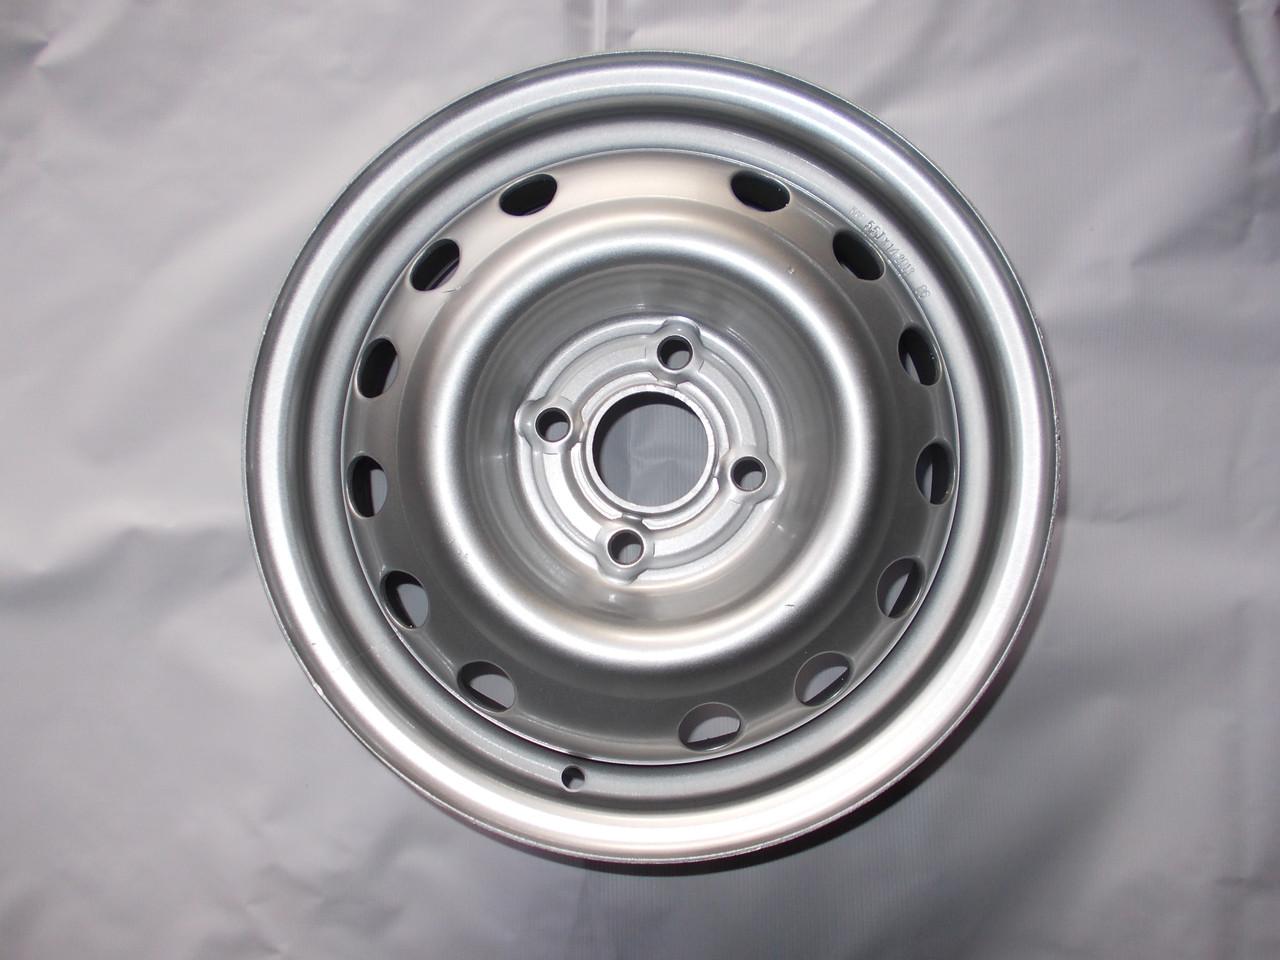 Стальные диски R14 4x100, стальные диски на chery amulet kimo, железные диски на Чери Амулет Кимо